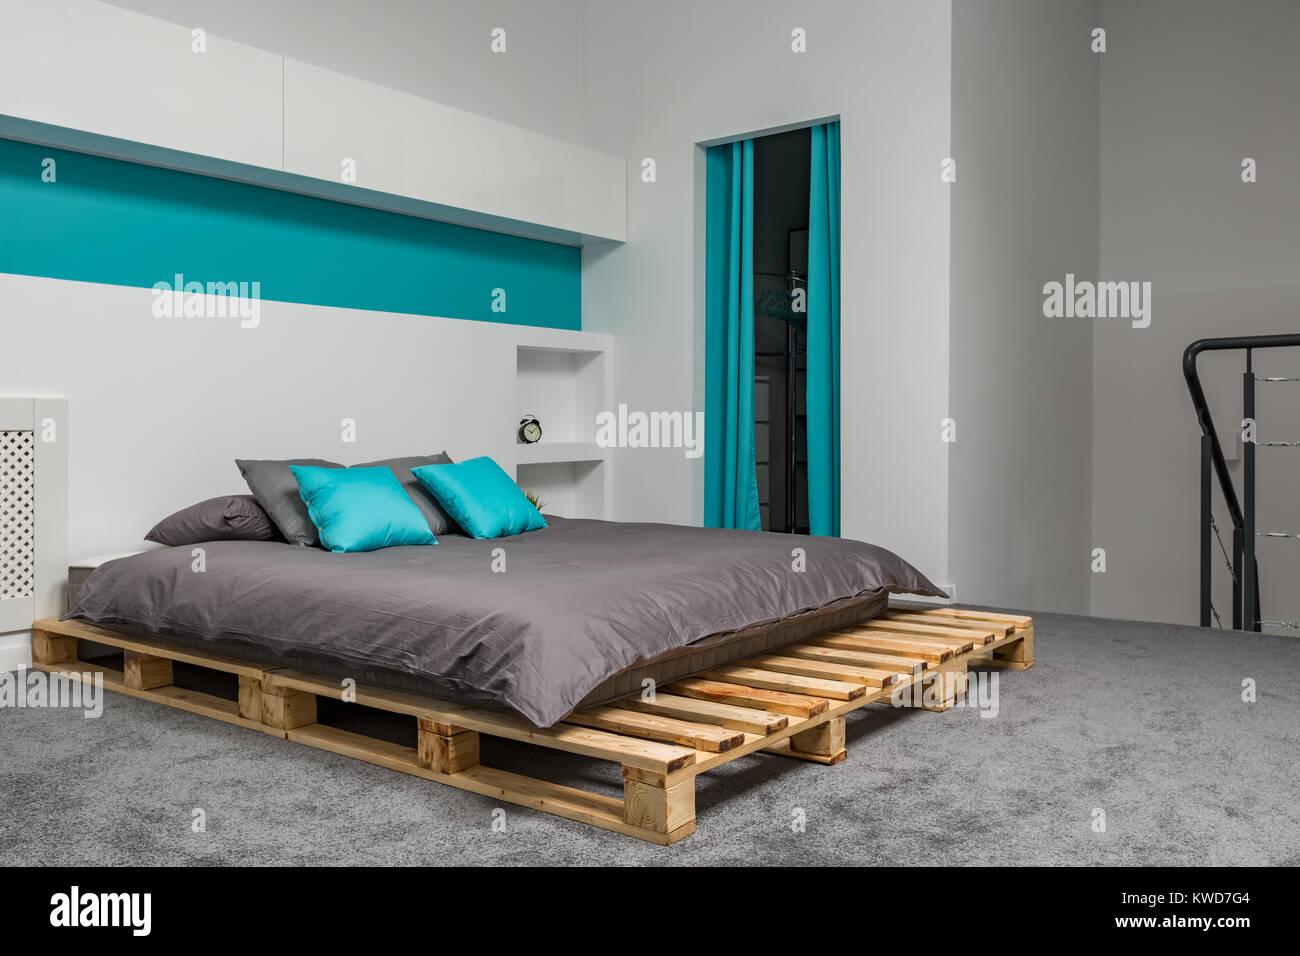 Schlafzimmer mit Doppelbett und großen Palette türkis Details ...